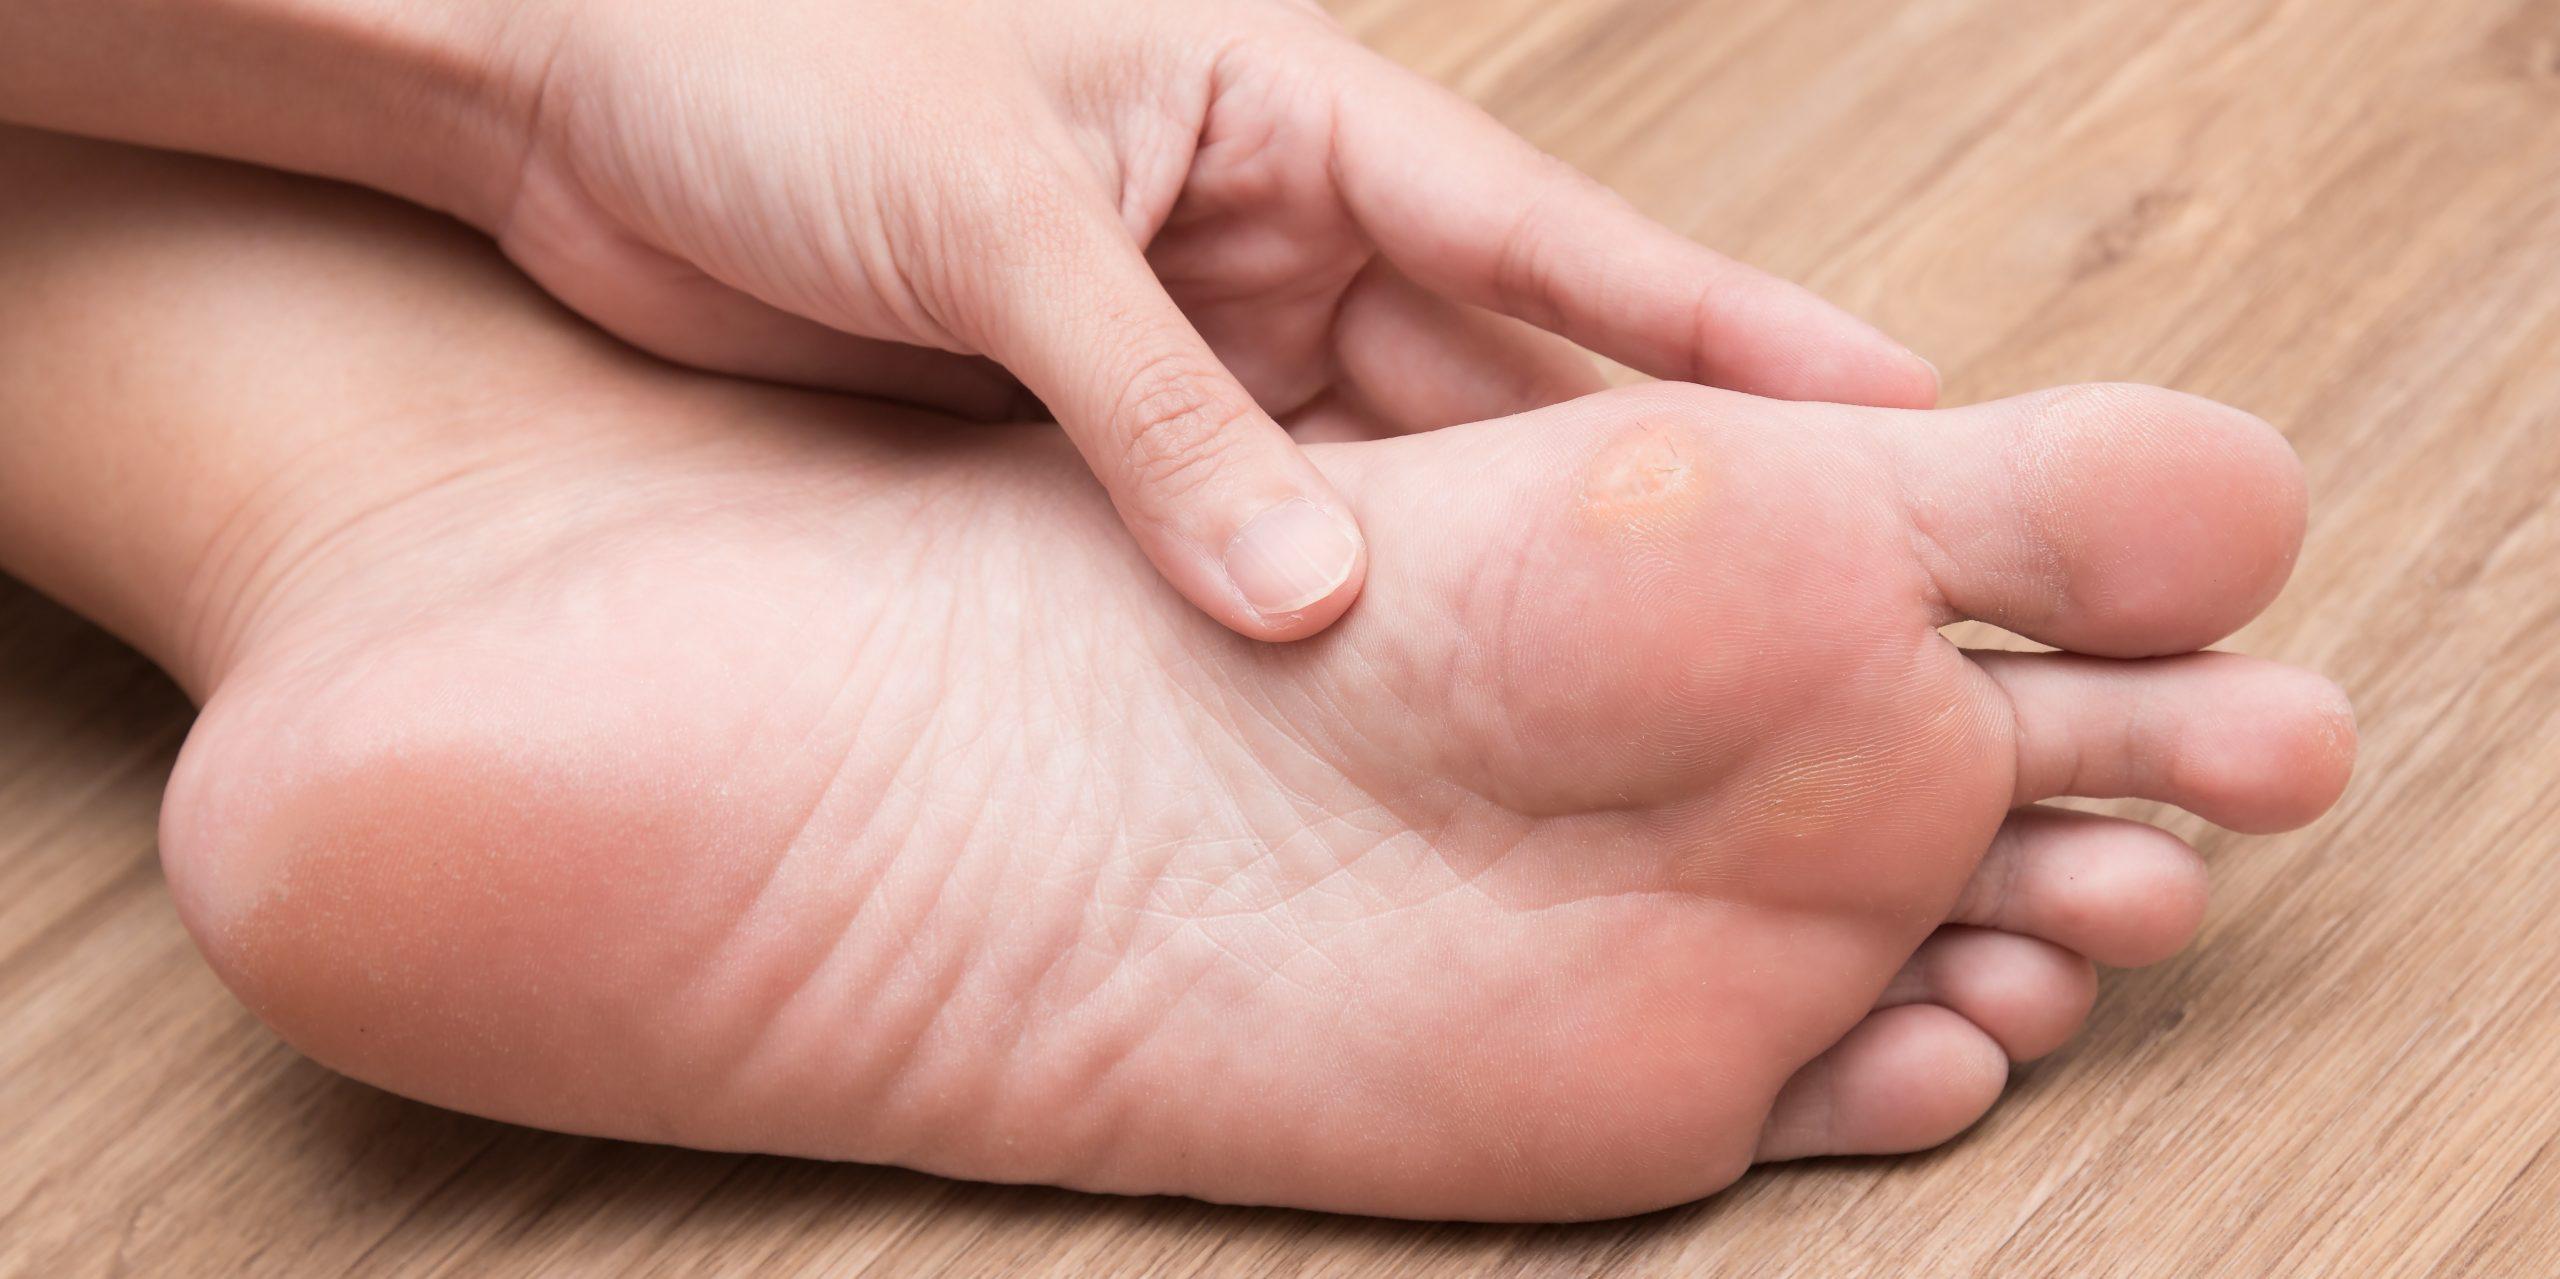 Γυναίκα που υποφέρει από κάλο στο πόδι